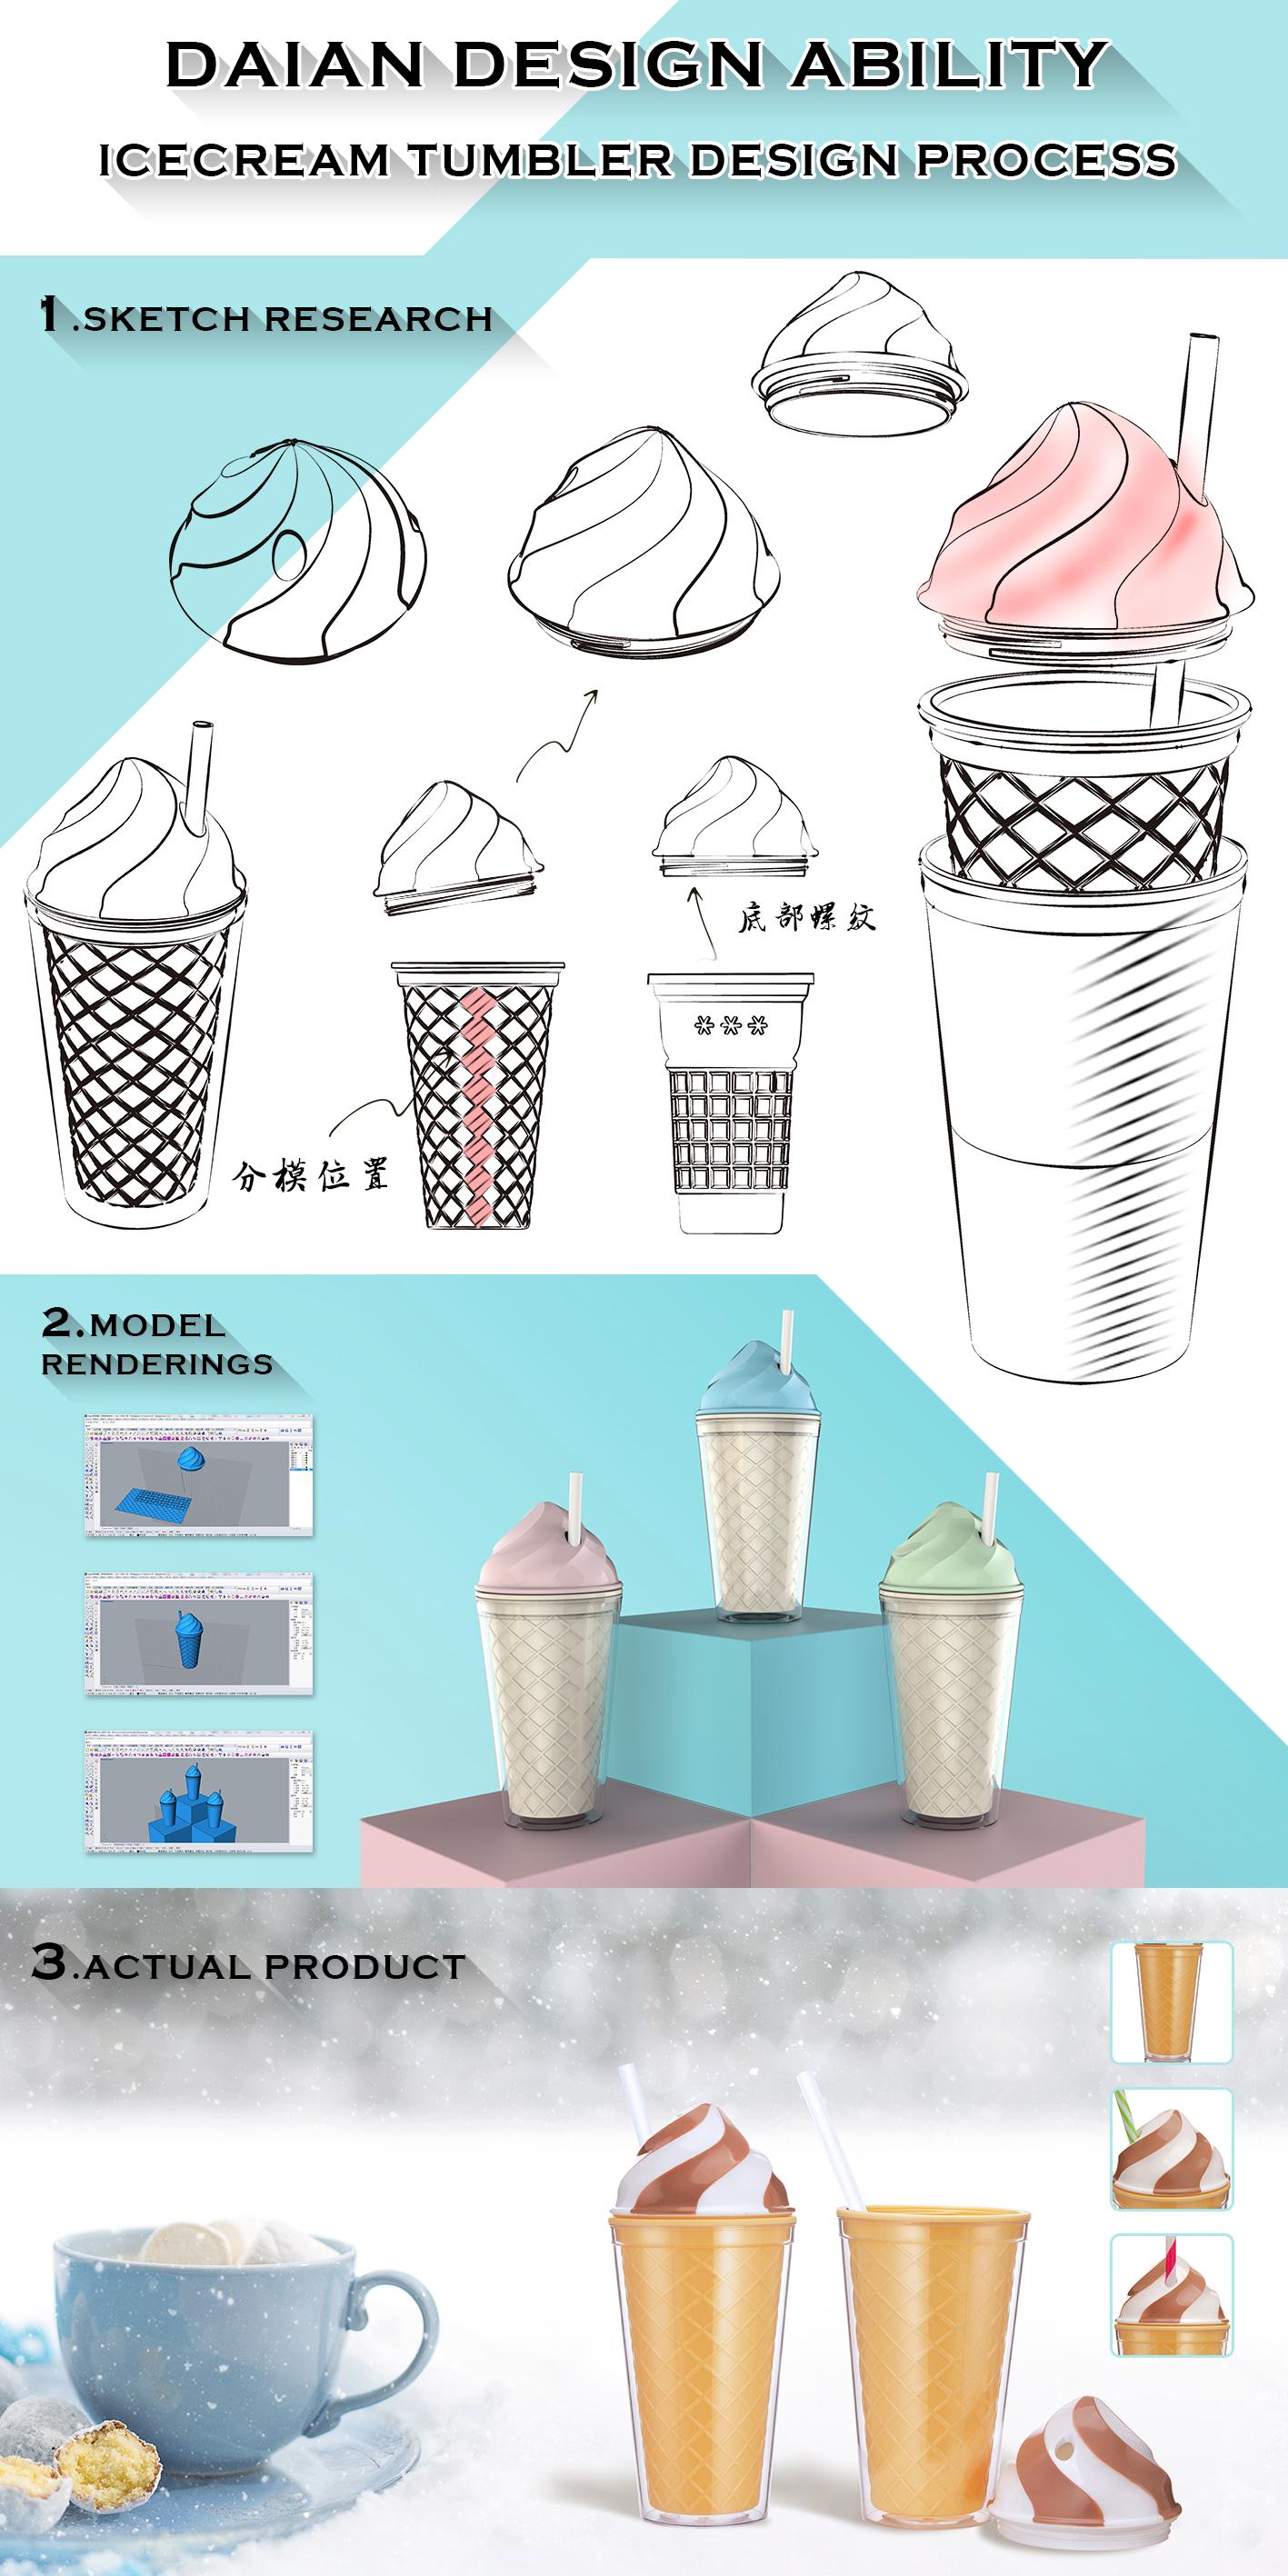 कस्टम लोगो अछूता थोक प्लास्टिक कॉफी मग थोक